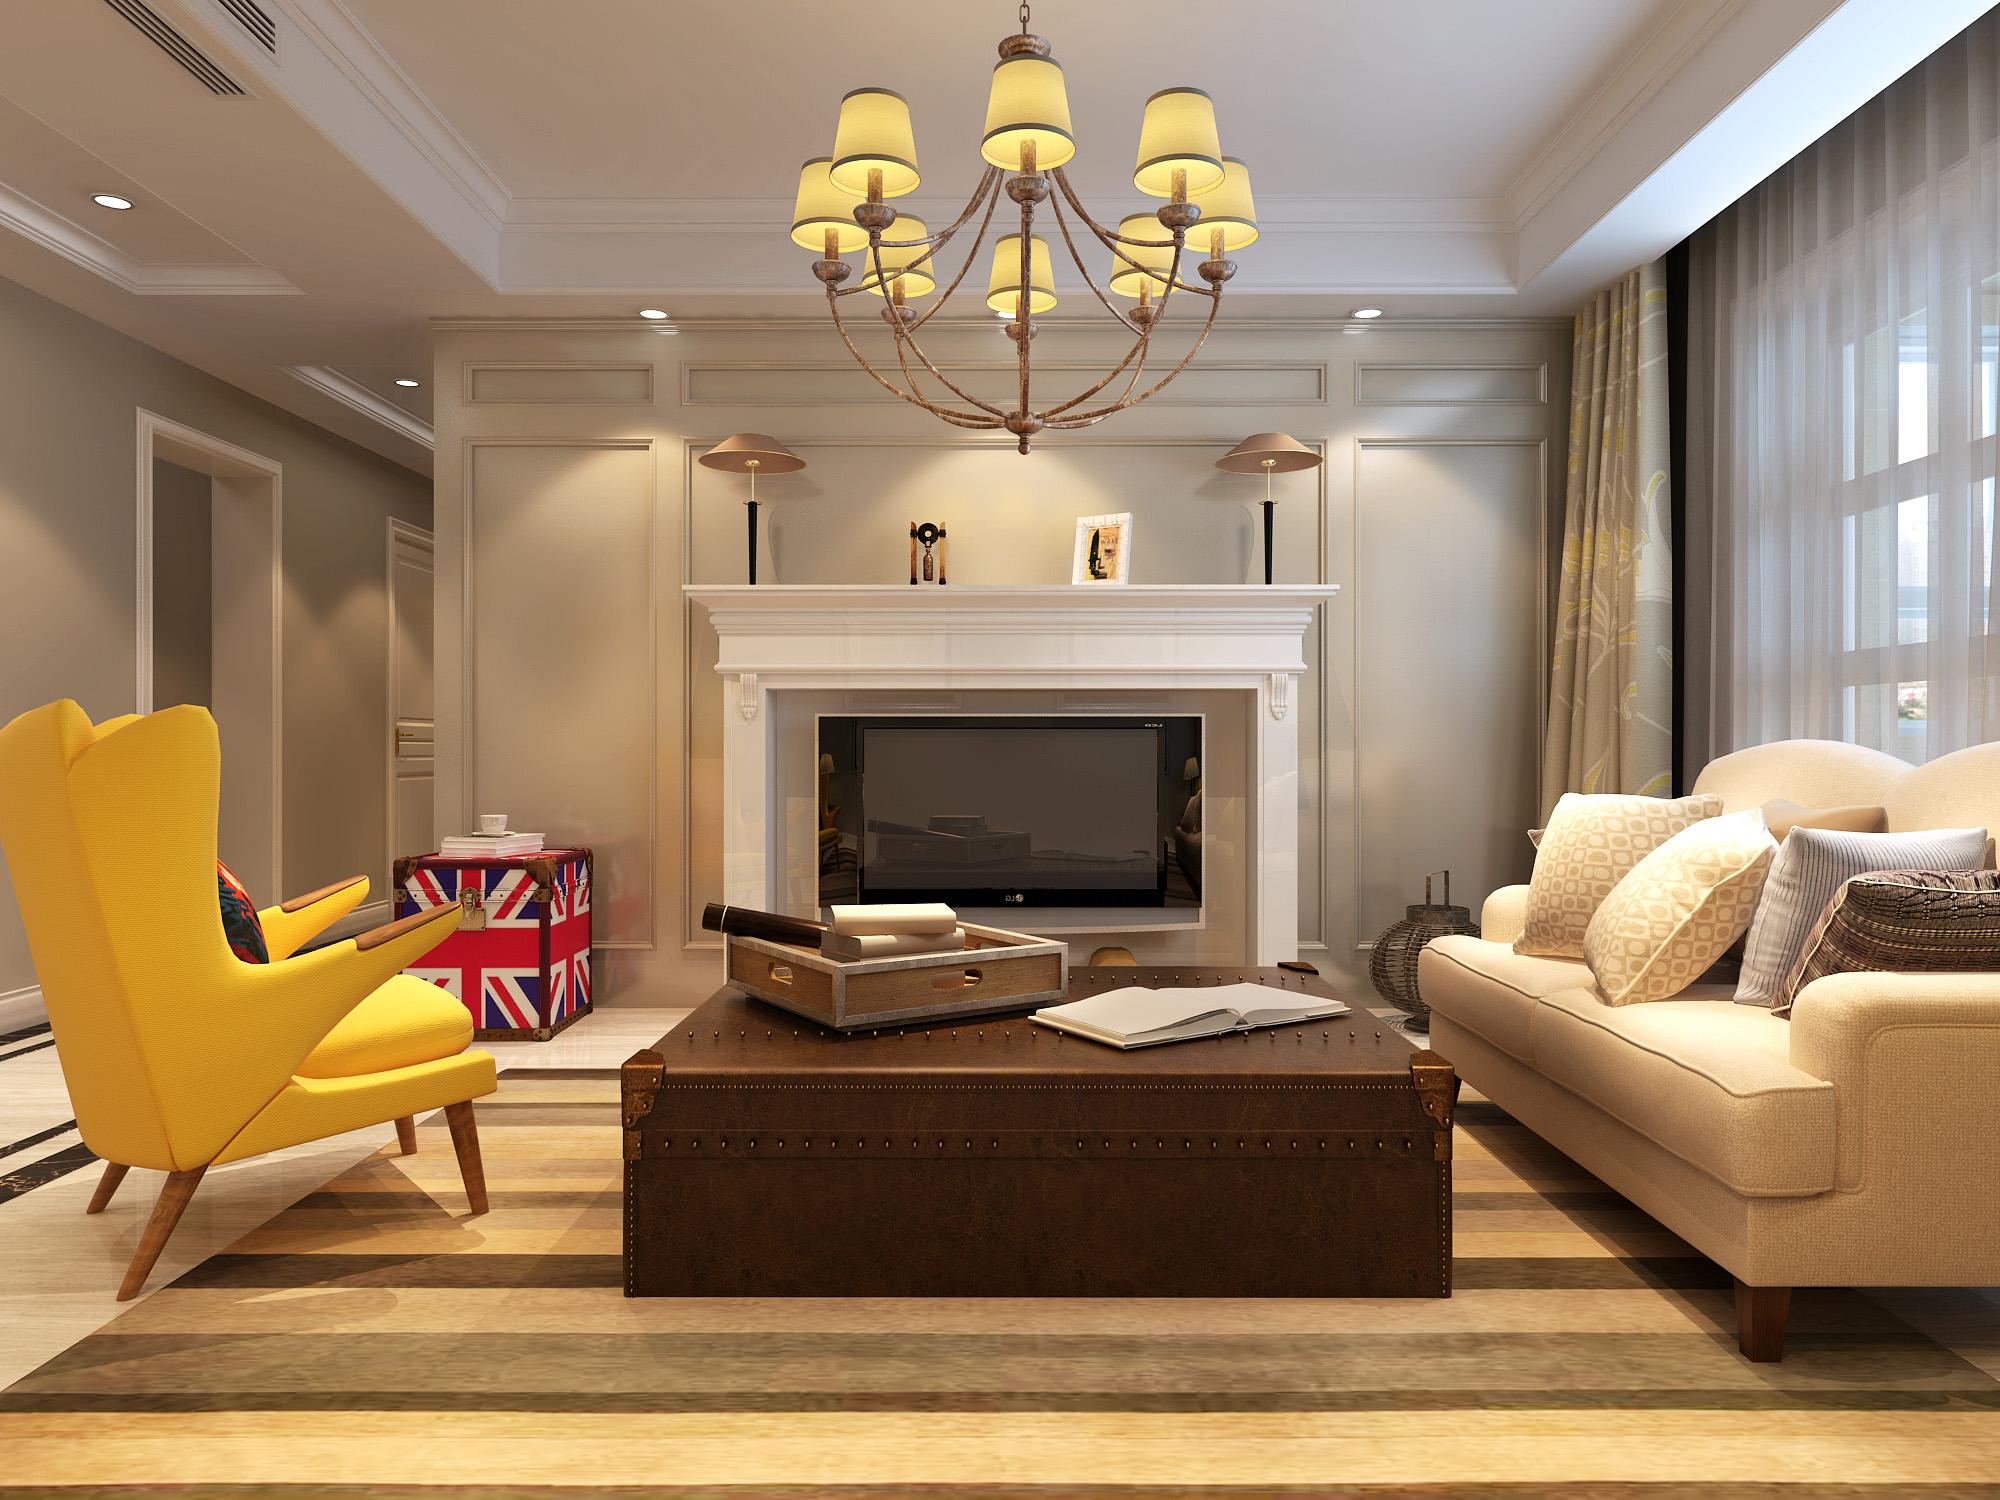 简约 客厅图片来自唐山高度国际装饰在凤凰湖畔的分享